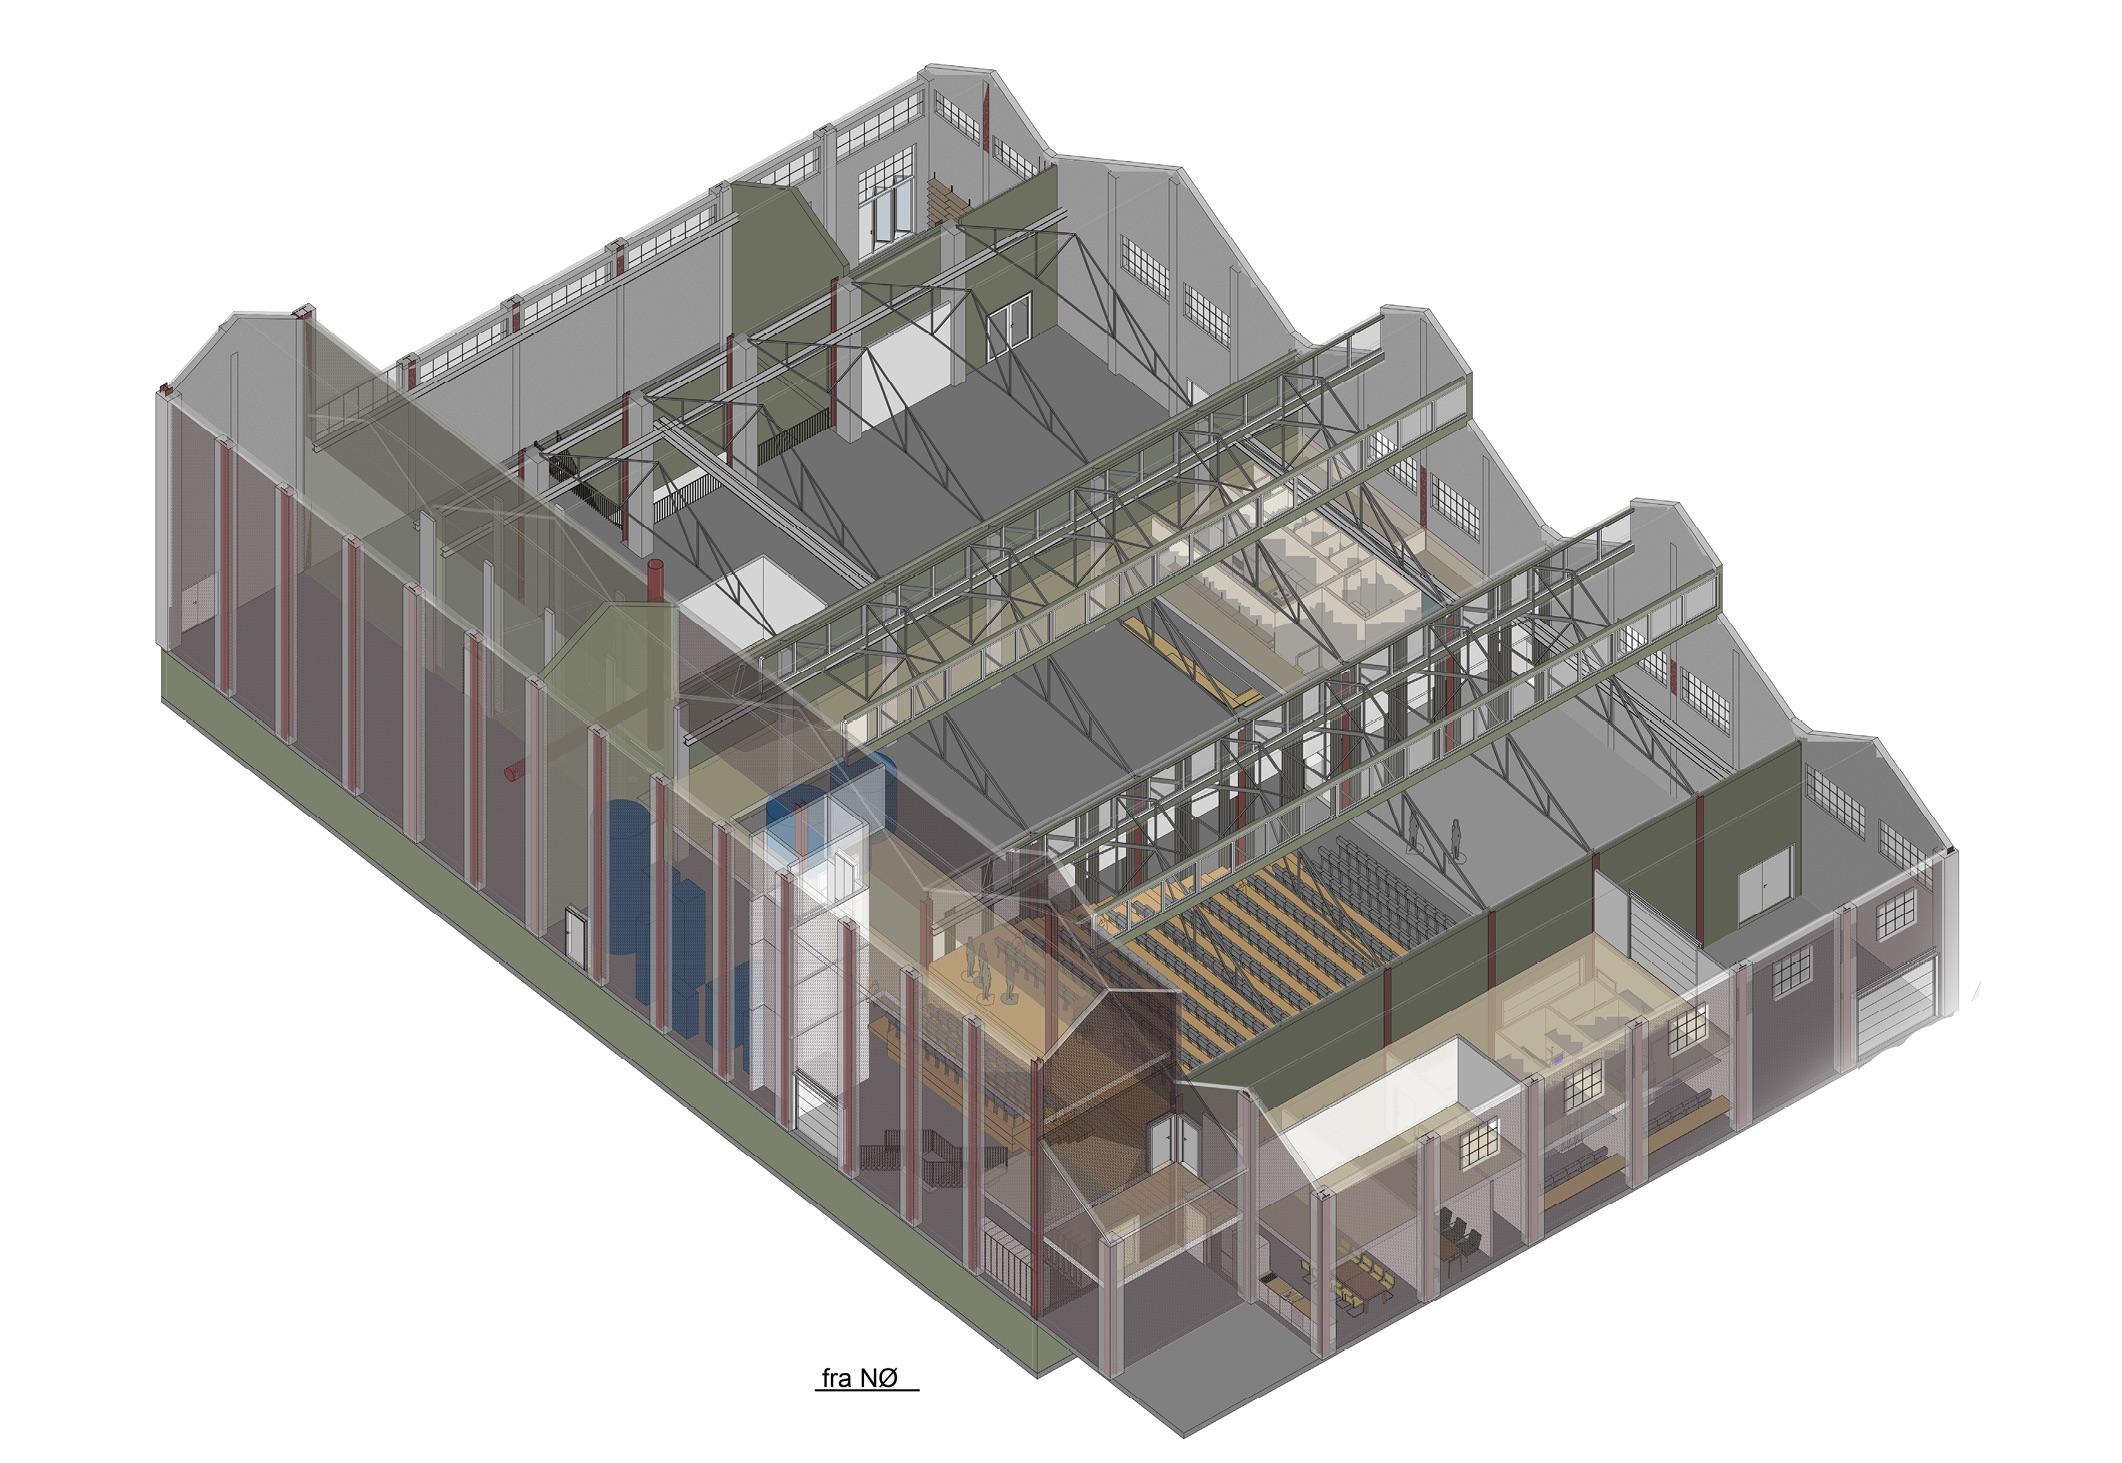 Arkitektillustrasjon av bygning